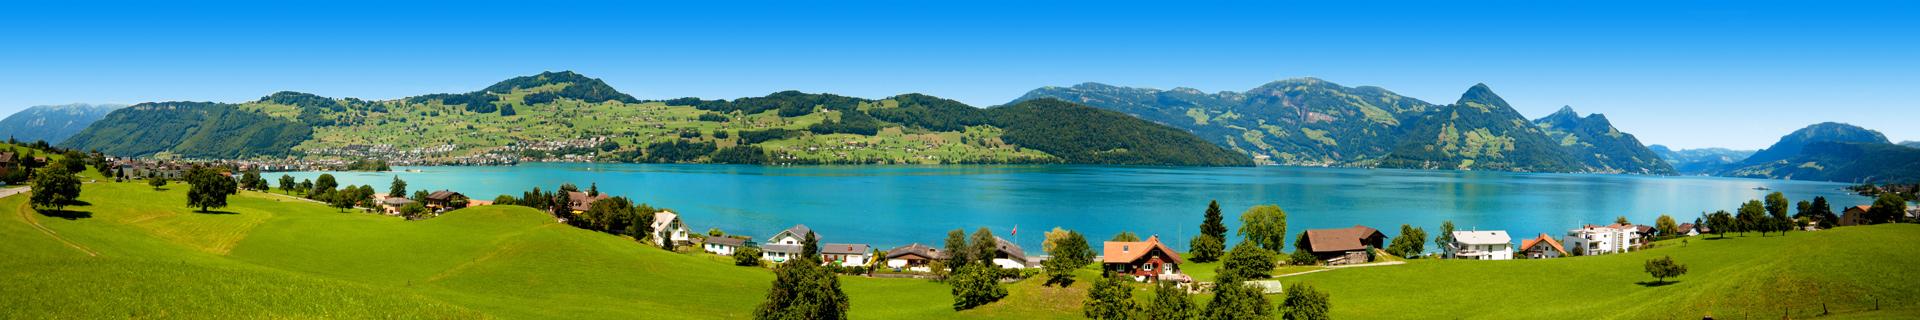 Uitzicht op een prachtig meer in Zwitserland